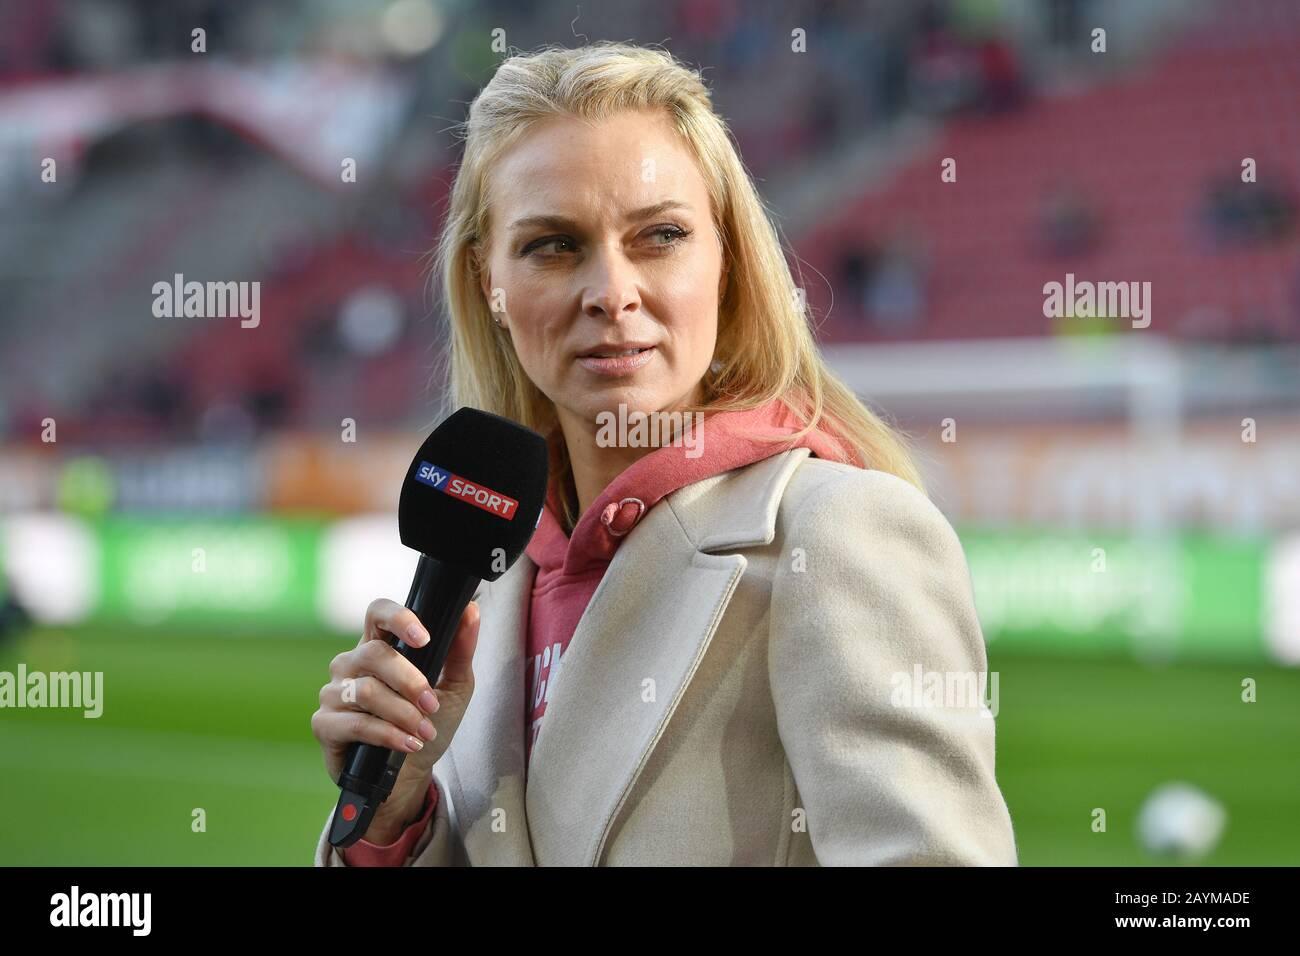 Nackt hofmann sport1 ruth moderatorin SPORT1: Moderatorin